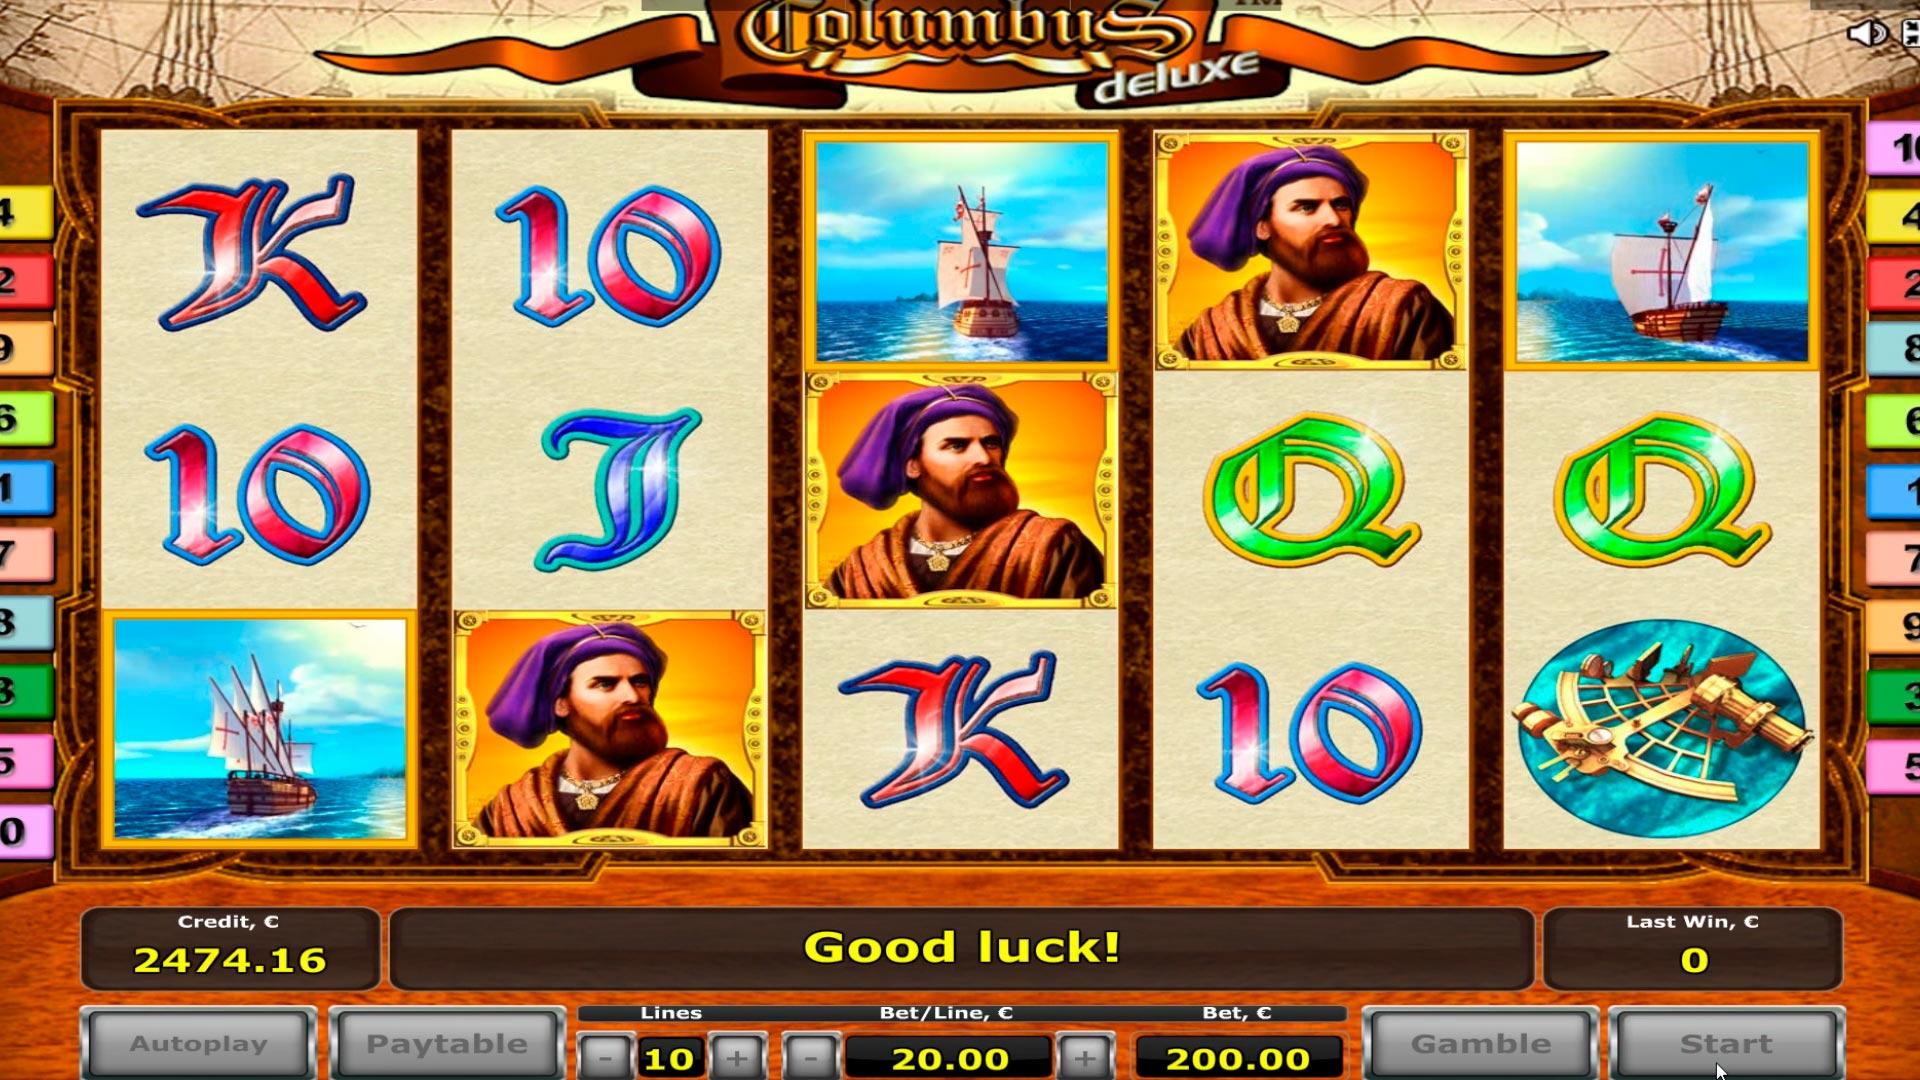 Columbus casino slot büyük kazancı € 9.500